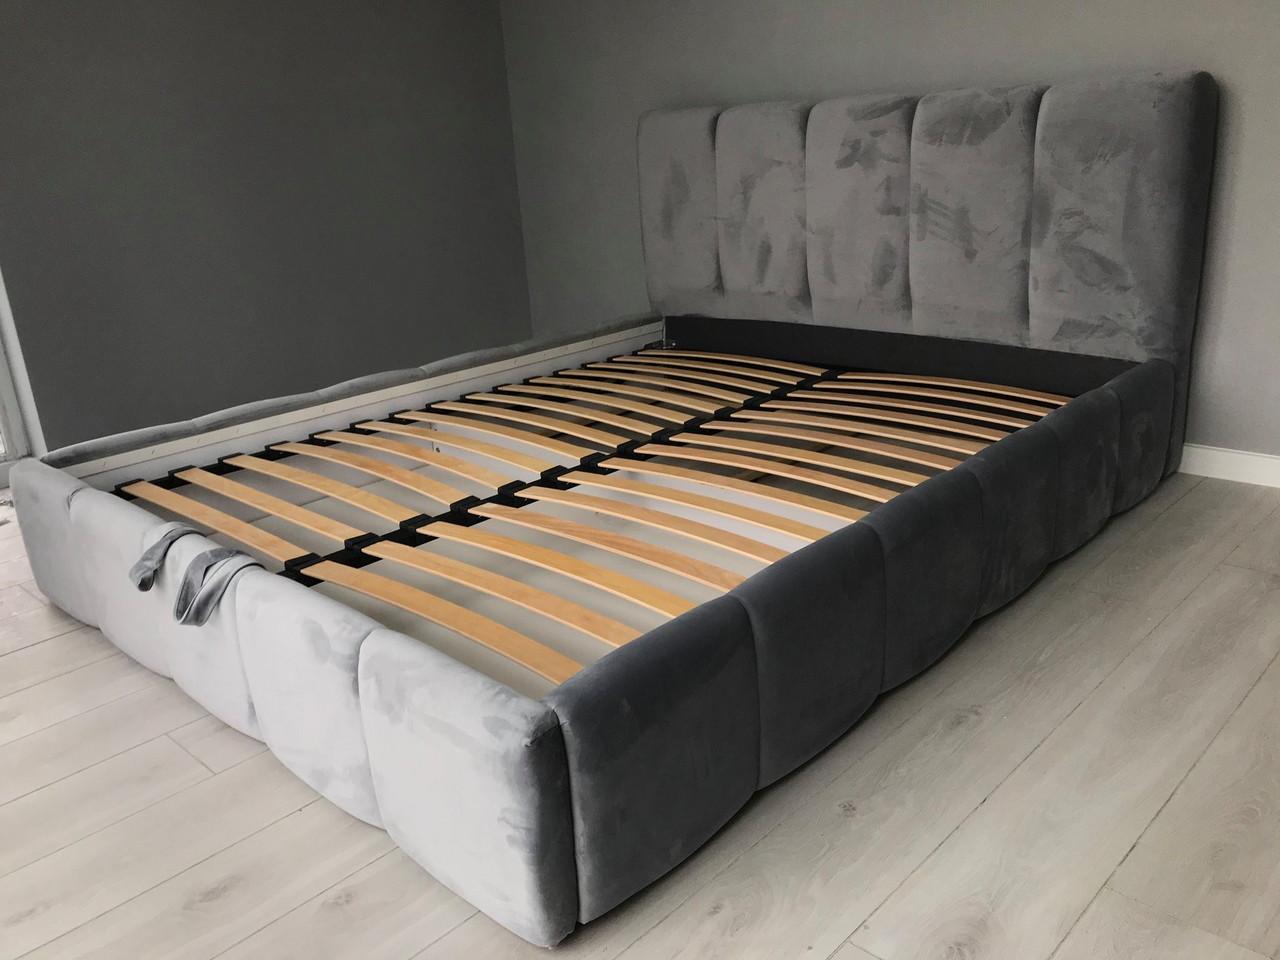 М'яке ліжко двоспальне Брідж з підйомним механізмом 160х200